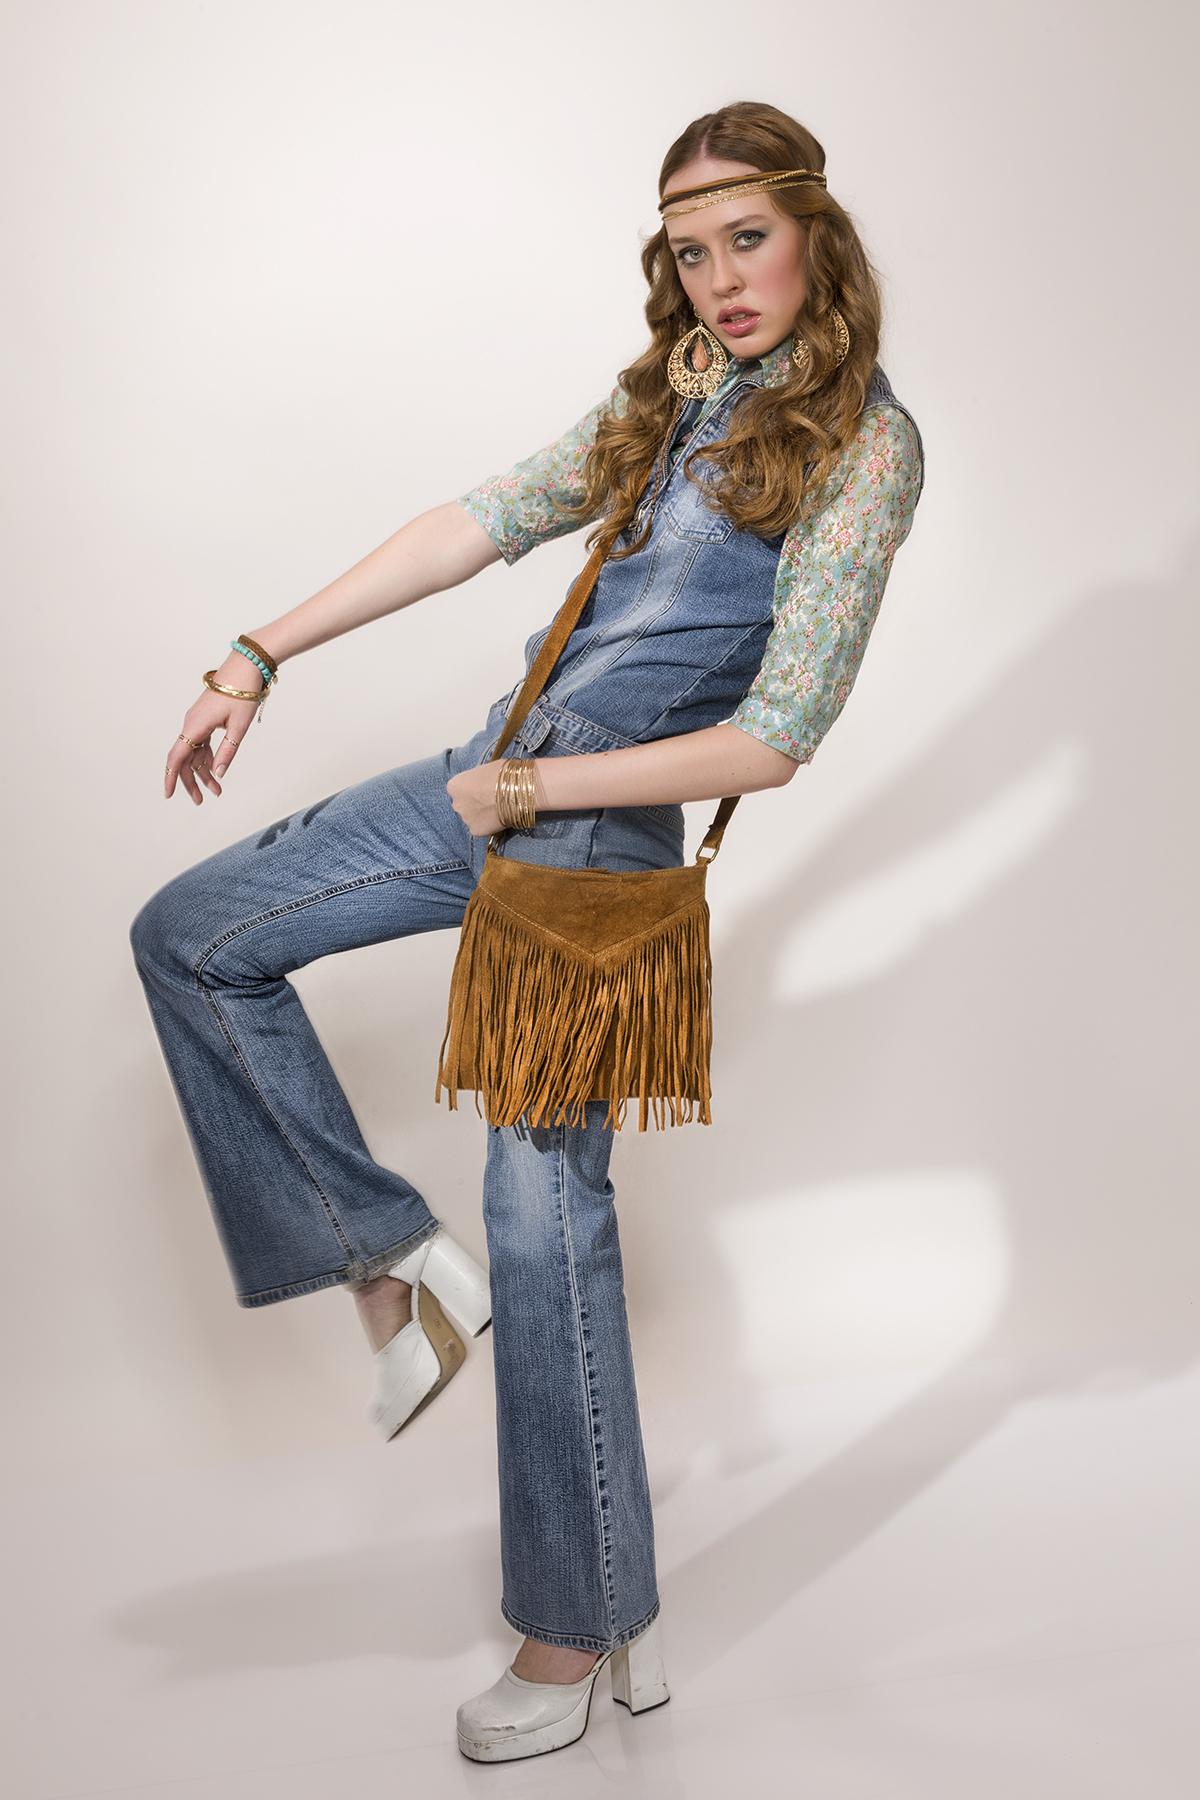 Raffinierte Damenmode – das ist Individualität, neu definiert. Die Mode für Damen bei WENZ zeigt stilistische Vielfalt und hochwertige Materialien.